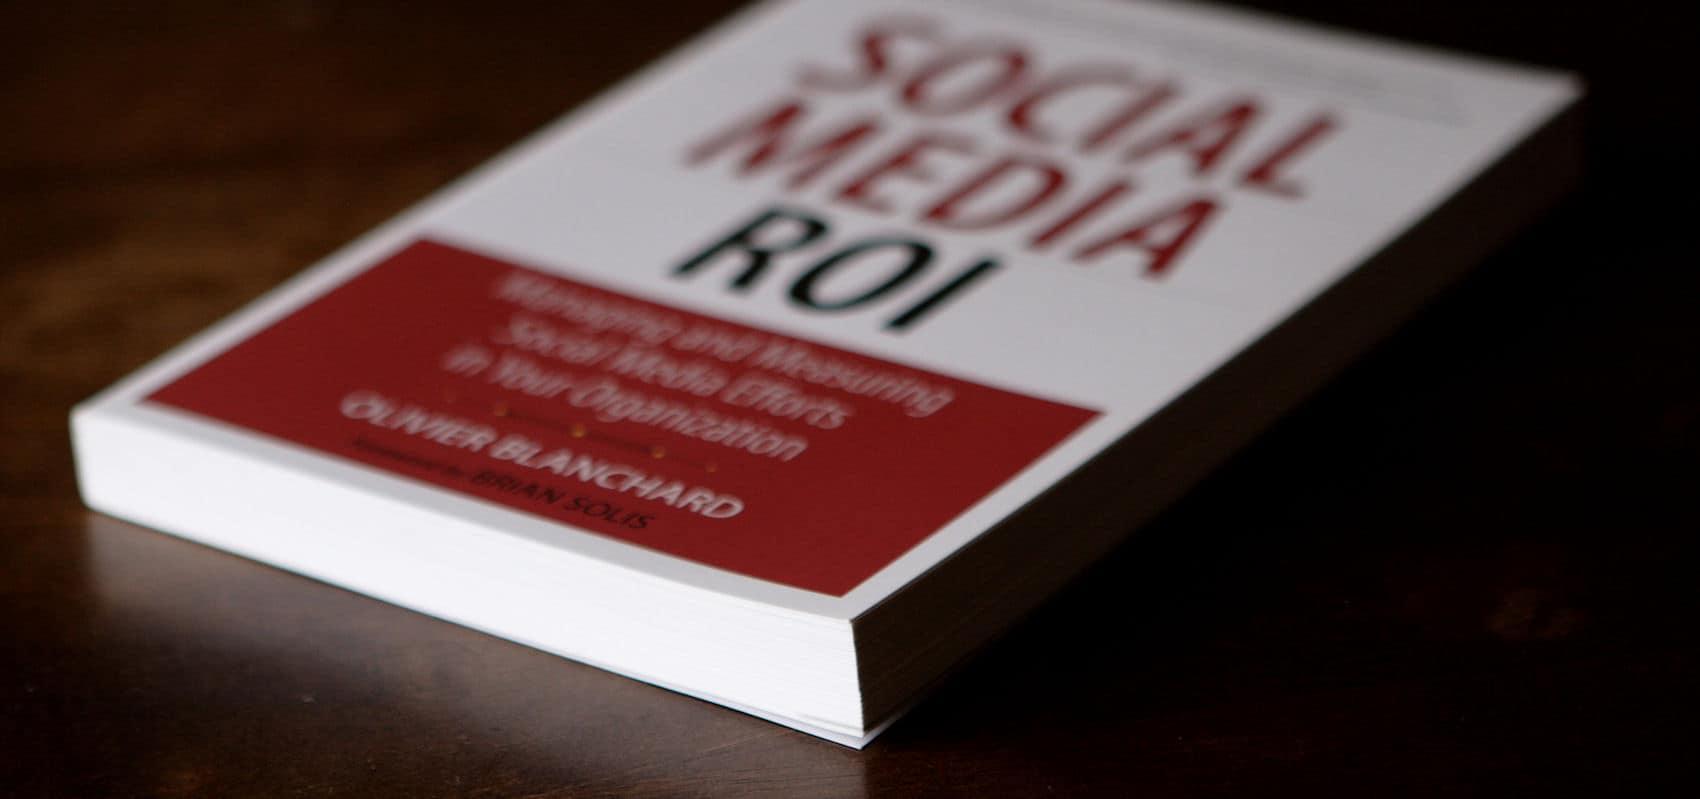 ganhar-dinheiro-no-instagram-livro